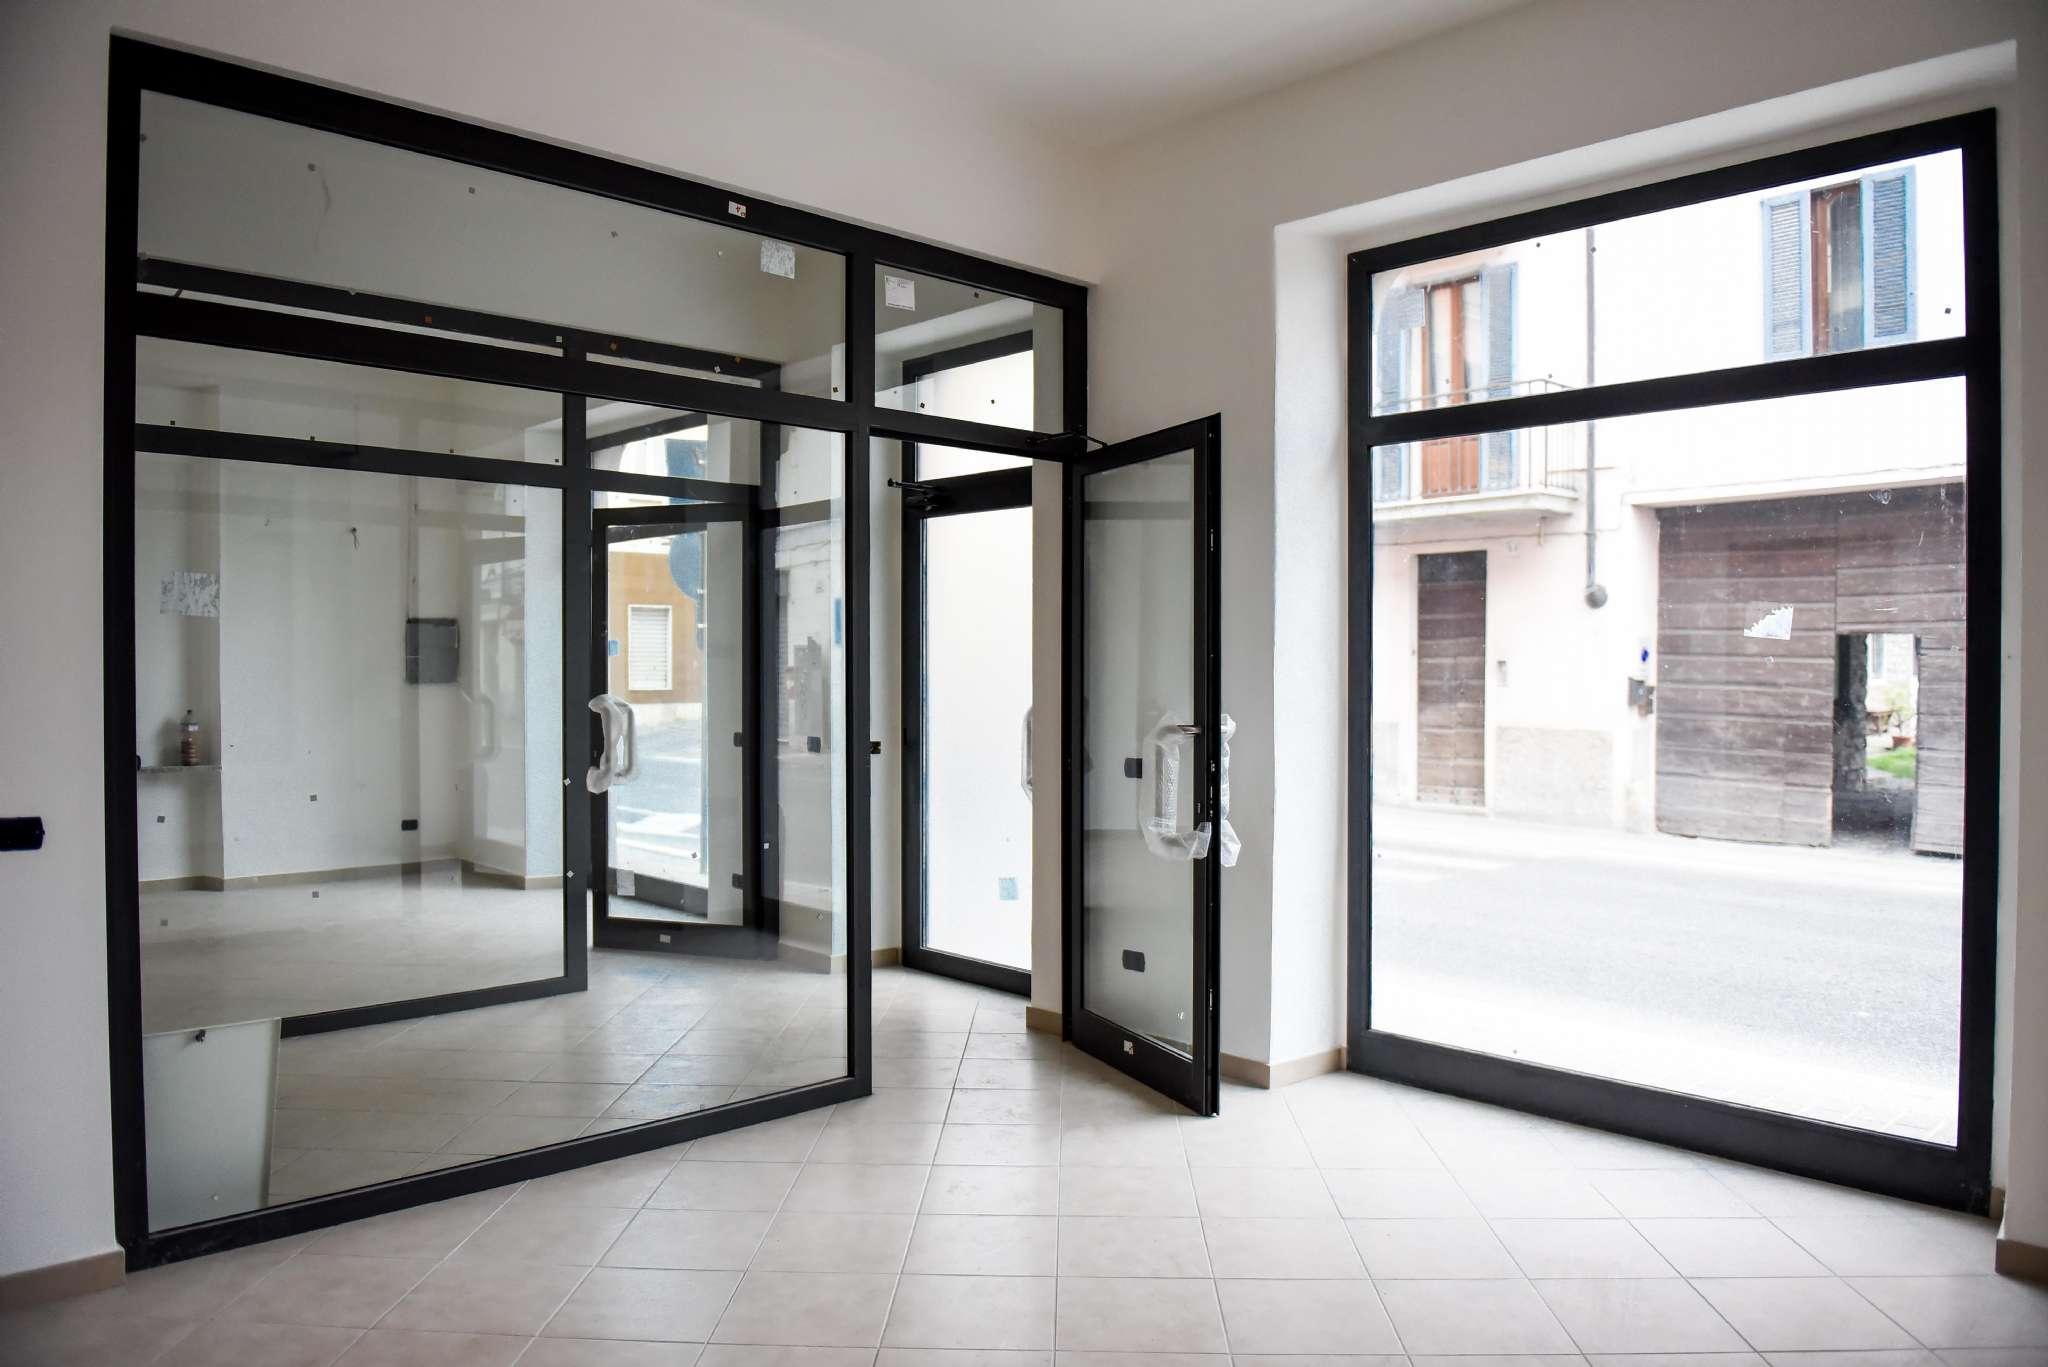 Negozio / Locale in vendita a Varzi, 2 locali, prezzo € 90.500 | PortaleAgenzieImmobiliari.it